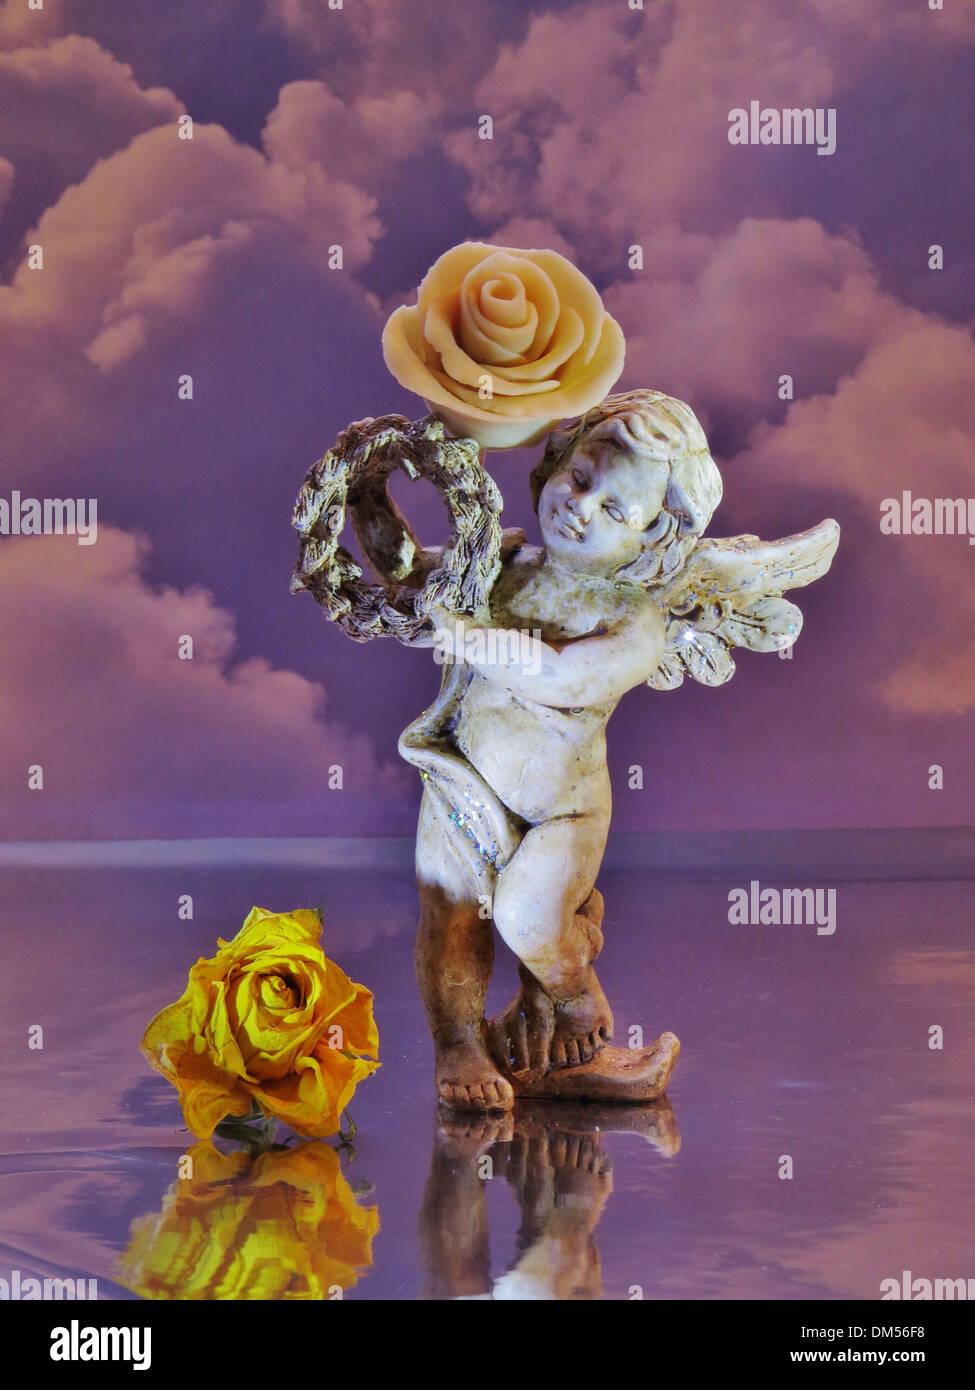 Engel, Konzepte, Kind, stehend, Flügel, Blumen, Himmel, Wolken, Stimmung, Trauer, angeordnet, Skulptur, Stein Stockbild